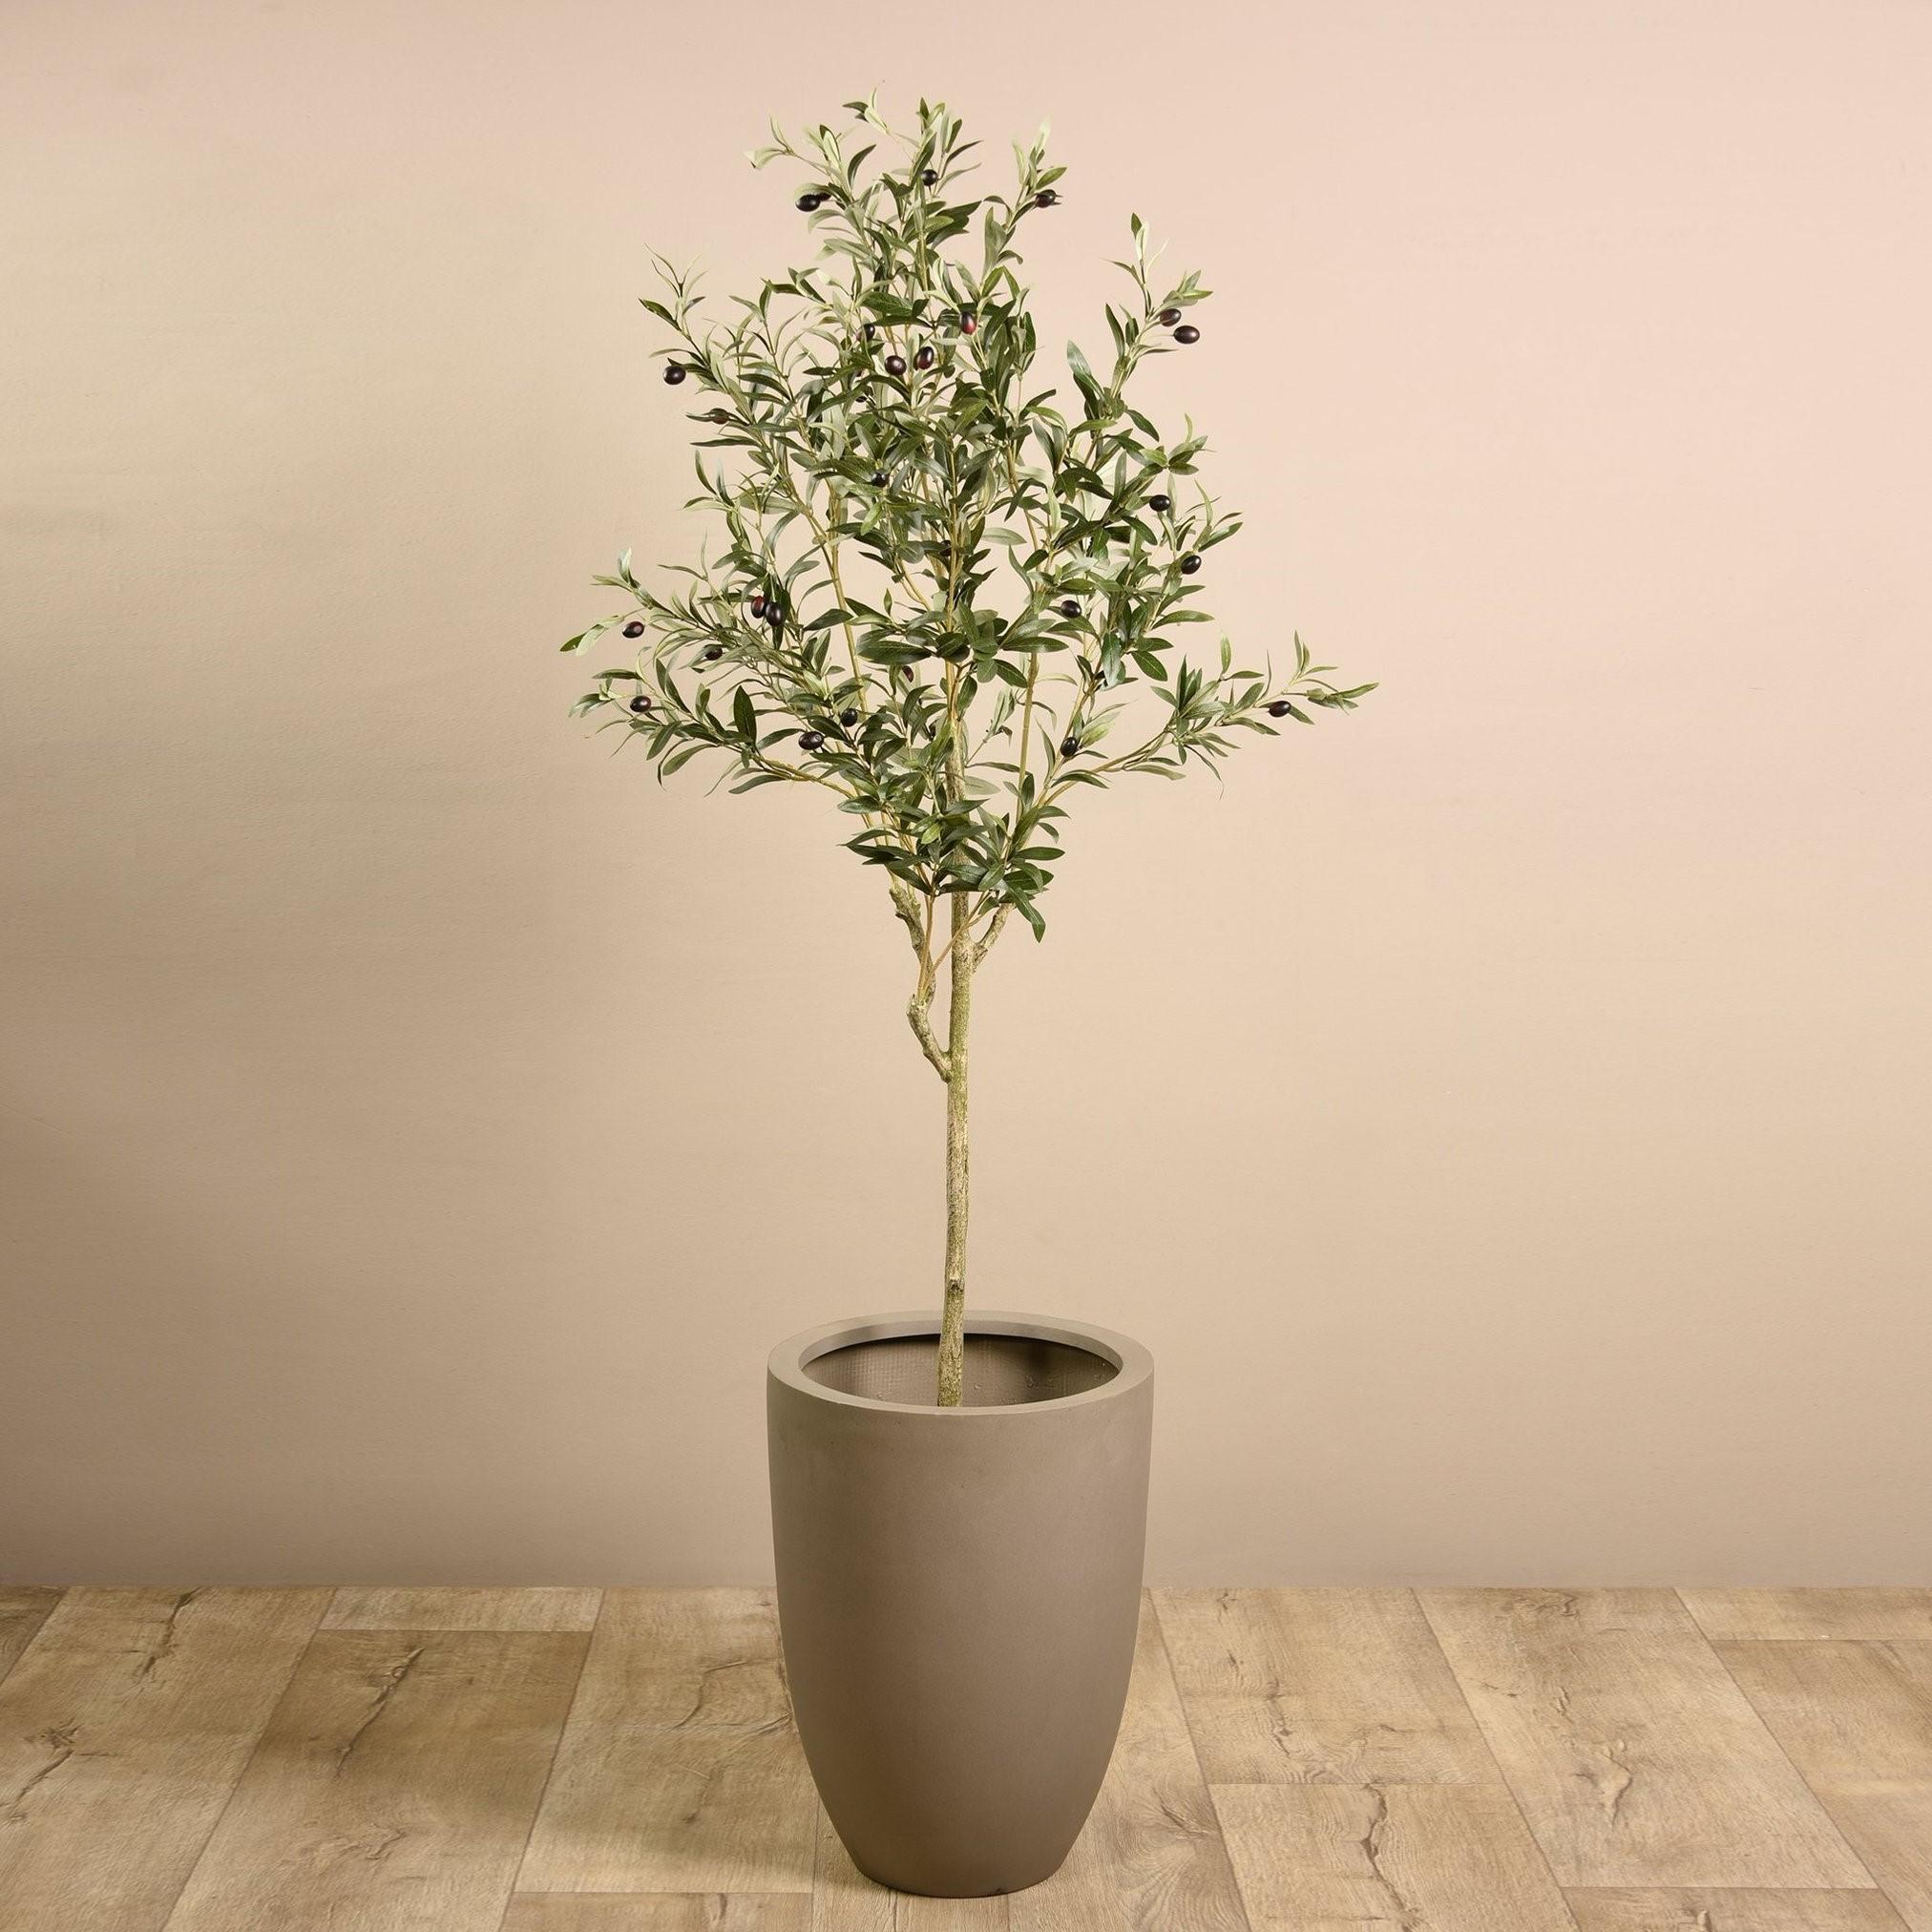 Si votre olive est dans un pot, nous vous recommandons de la mettre à l'abri (par exemple un jardin d'hiver ou une serre).